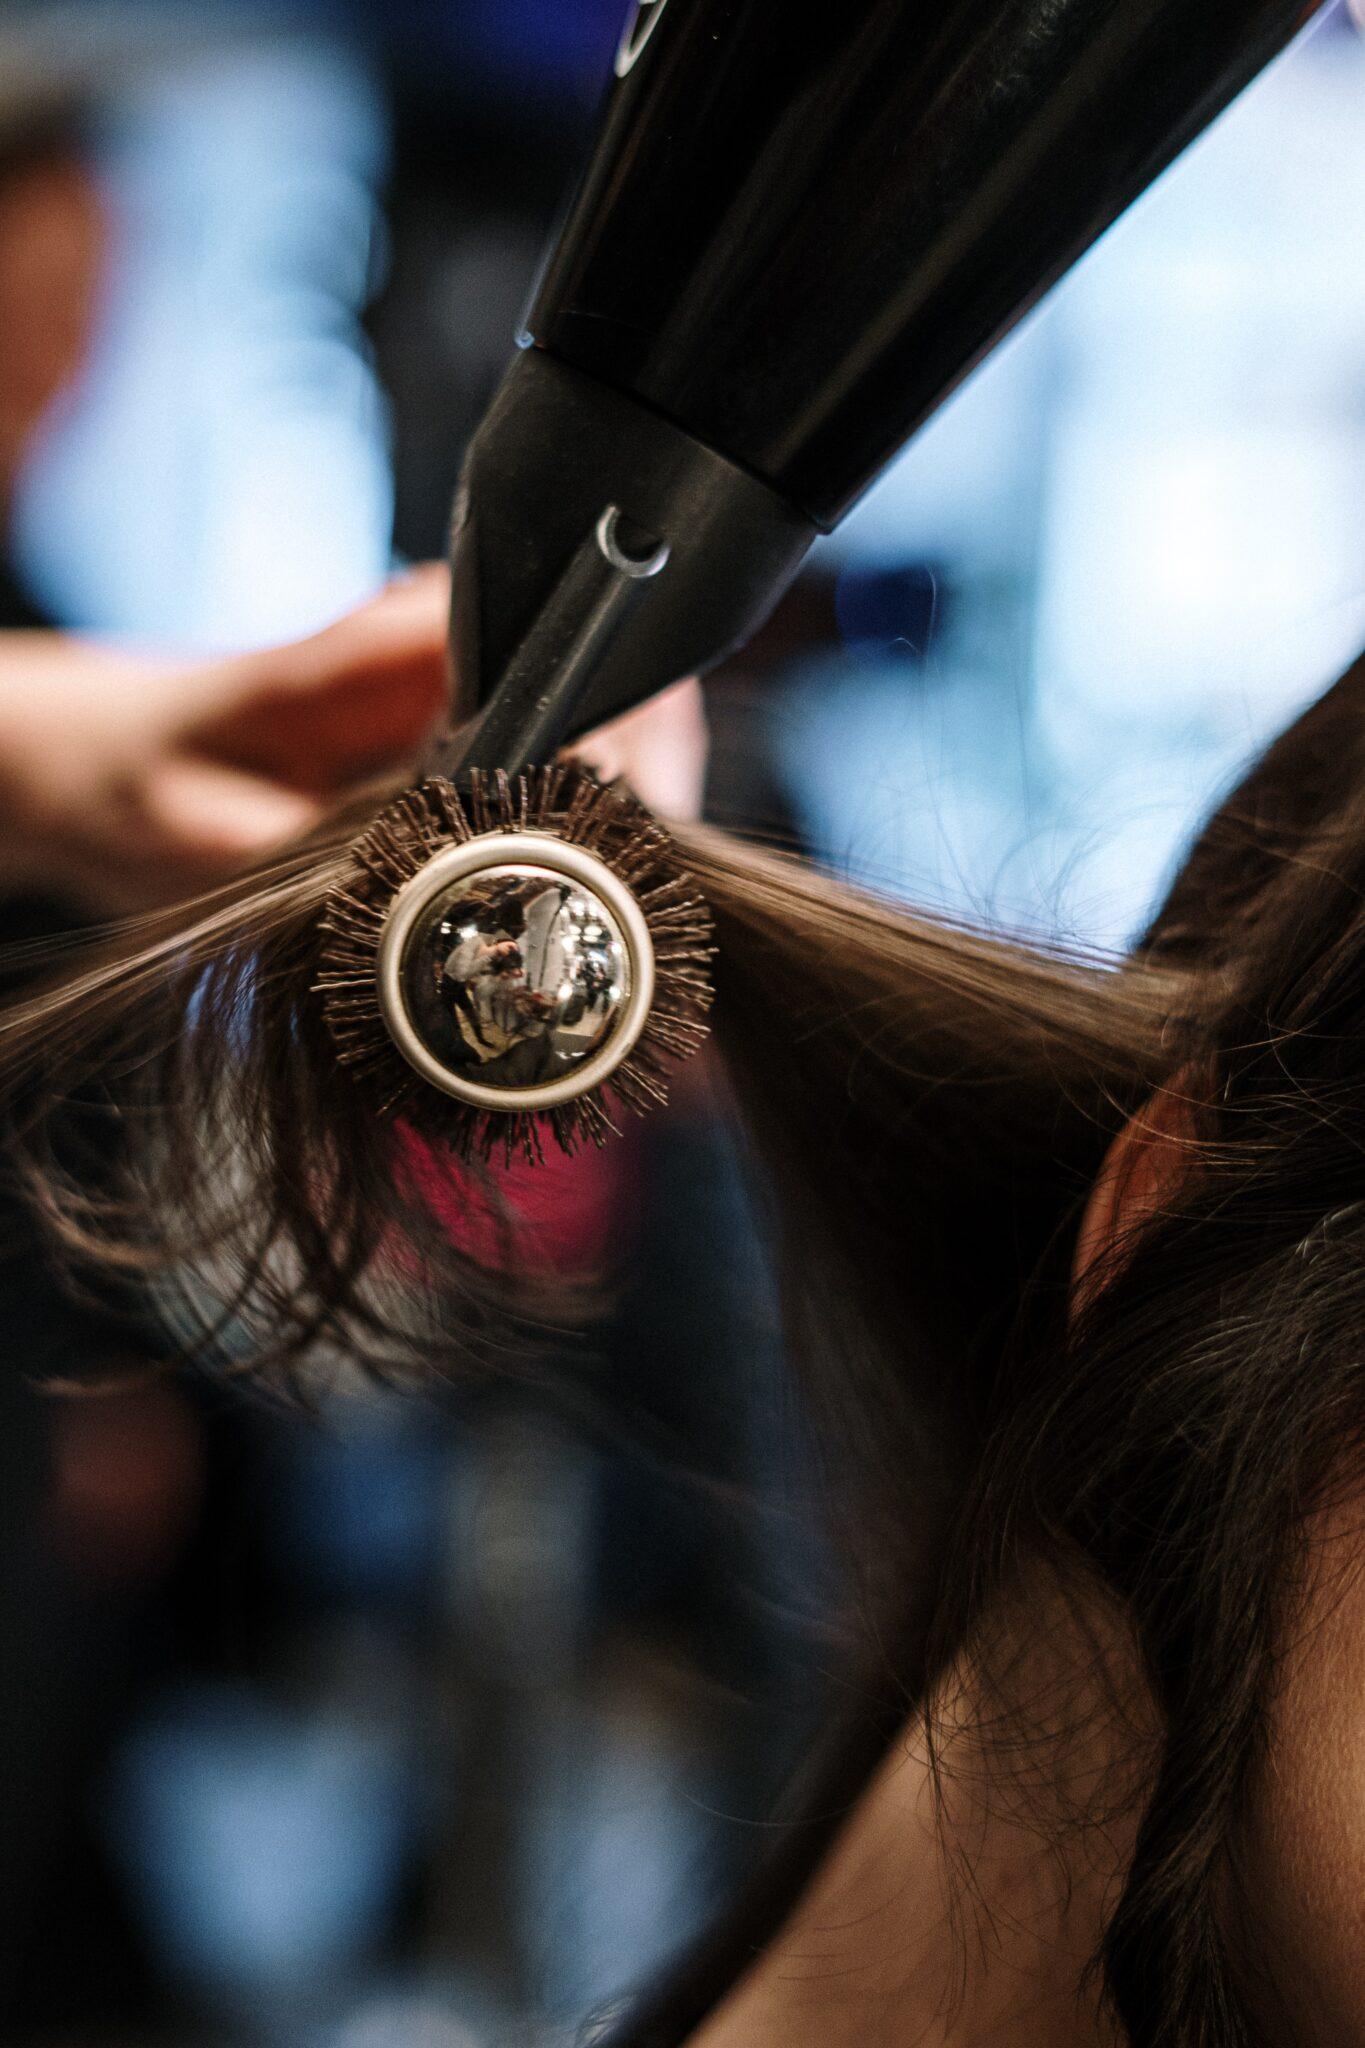 hair salon kenosha, kenosha hair salon, hair style shop kenosha